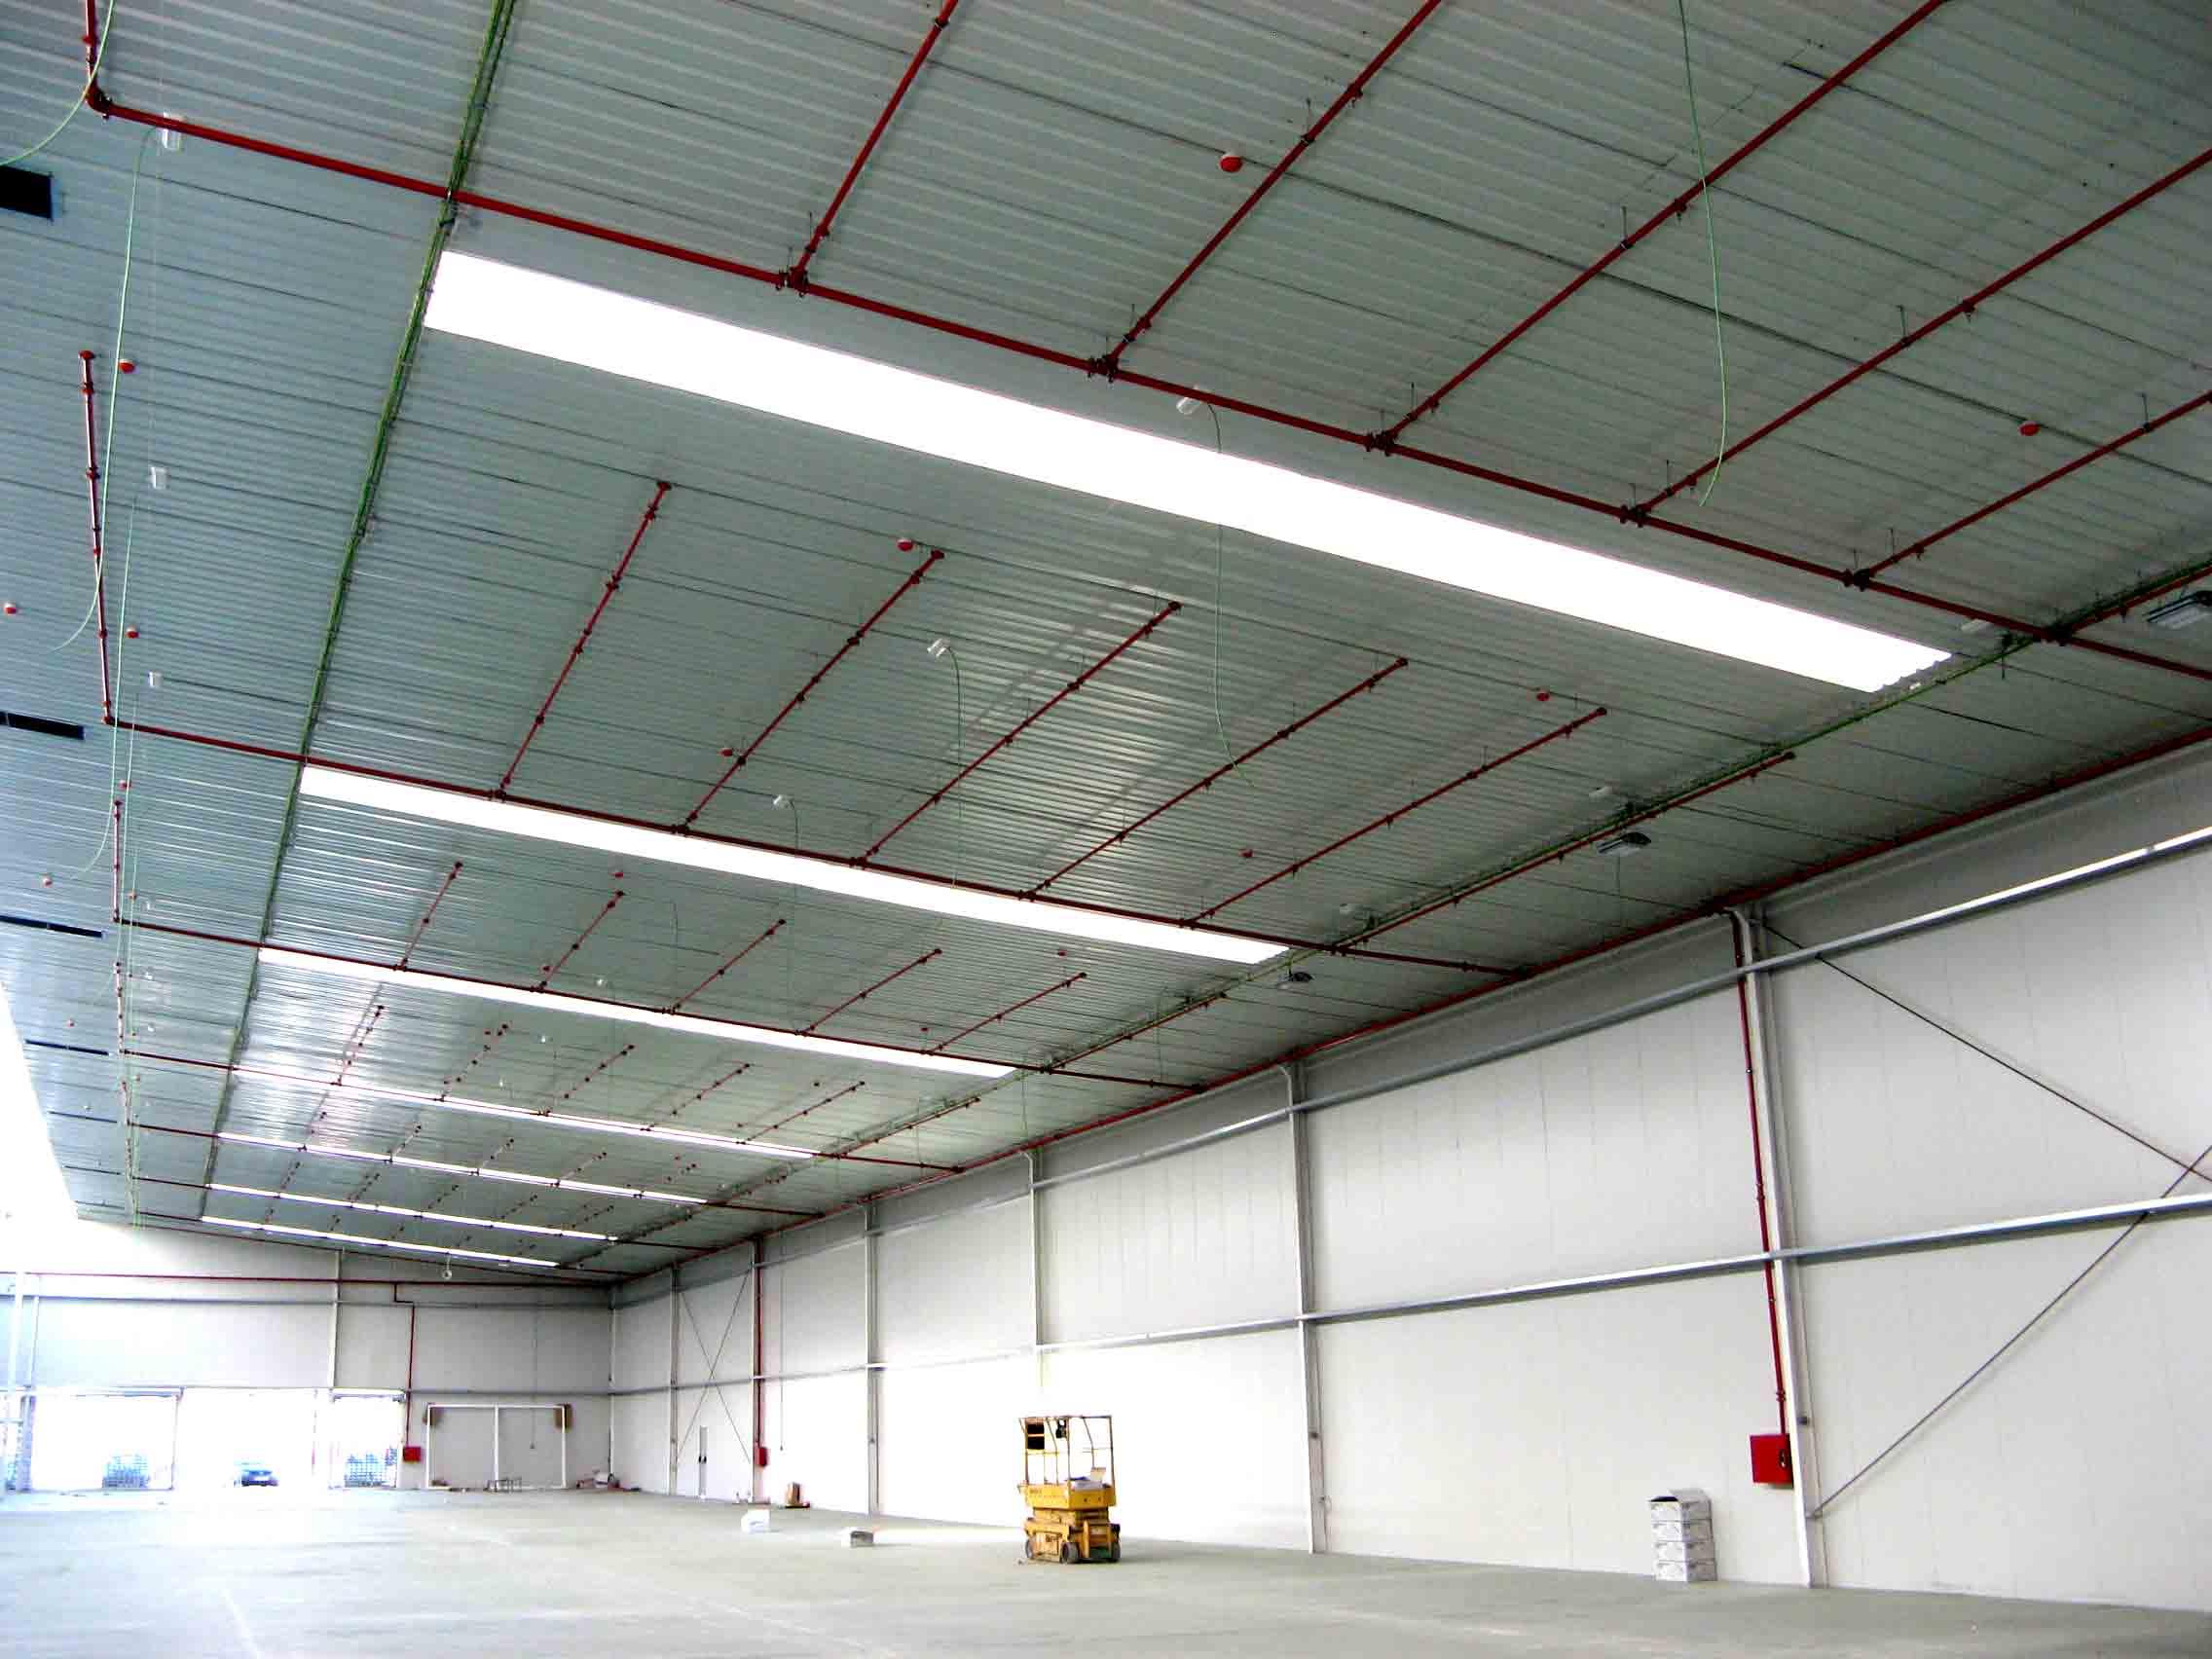 Naves prefabricadas precios economicos o baratas patec for Como hacer una estructura metalica para techo